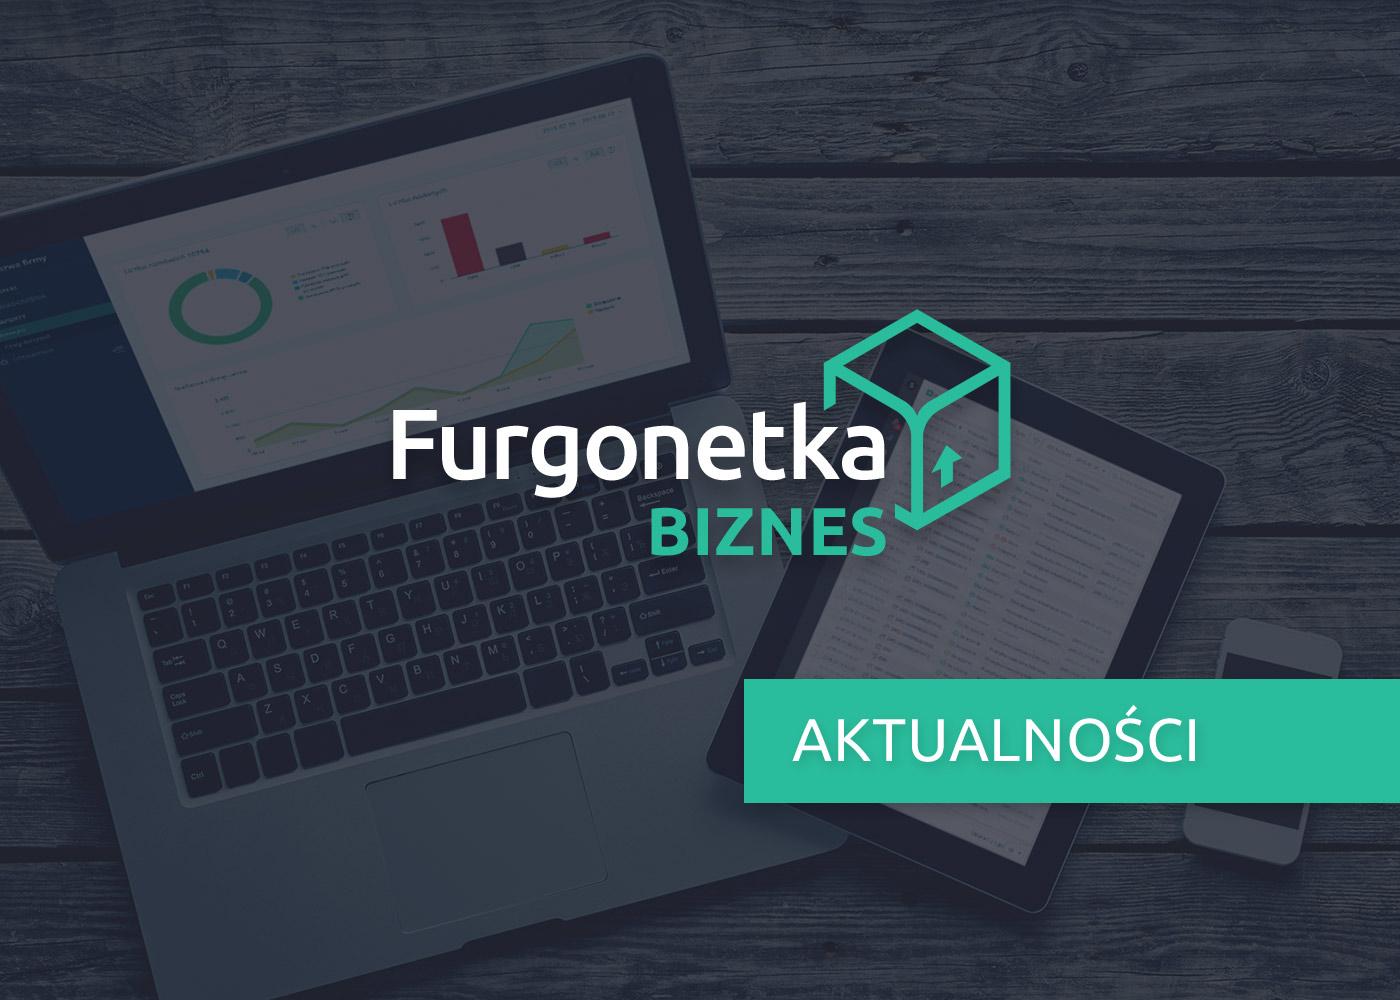 Automatyczne akcje w statusach zamówień na Furgonetka Biznes